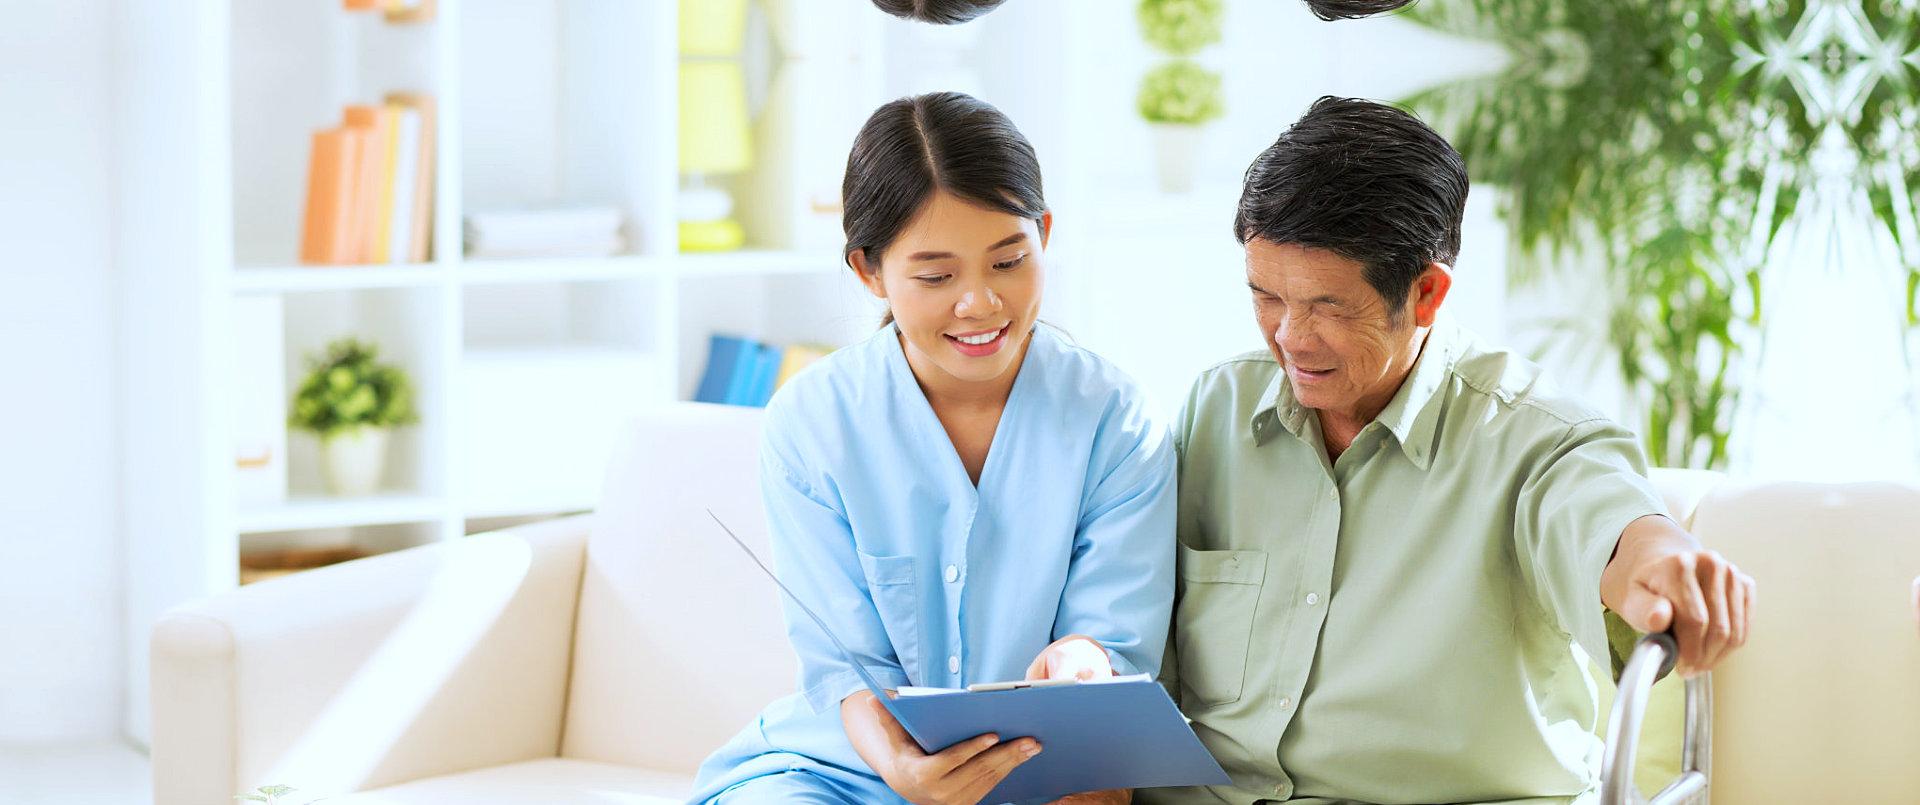 caregiver reading a document for a senior man